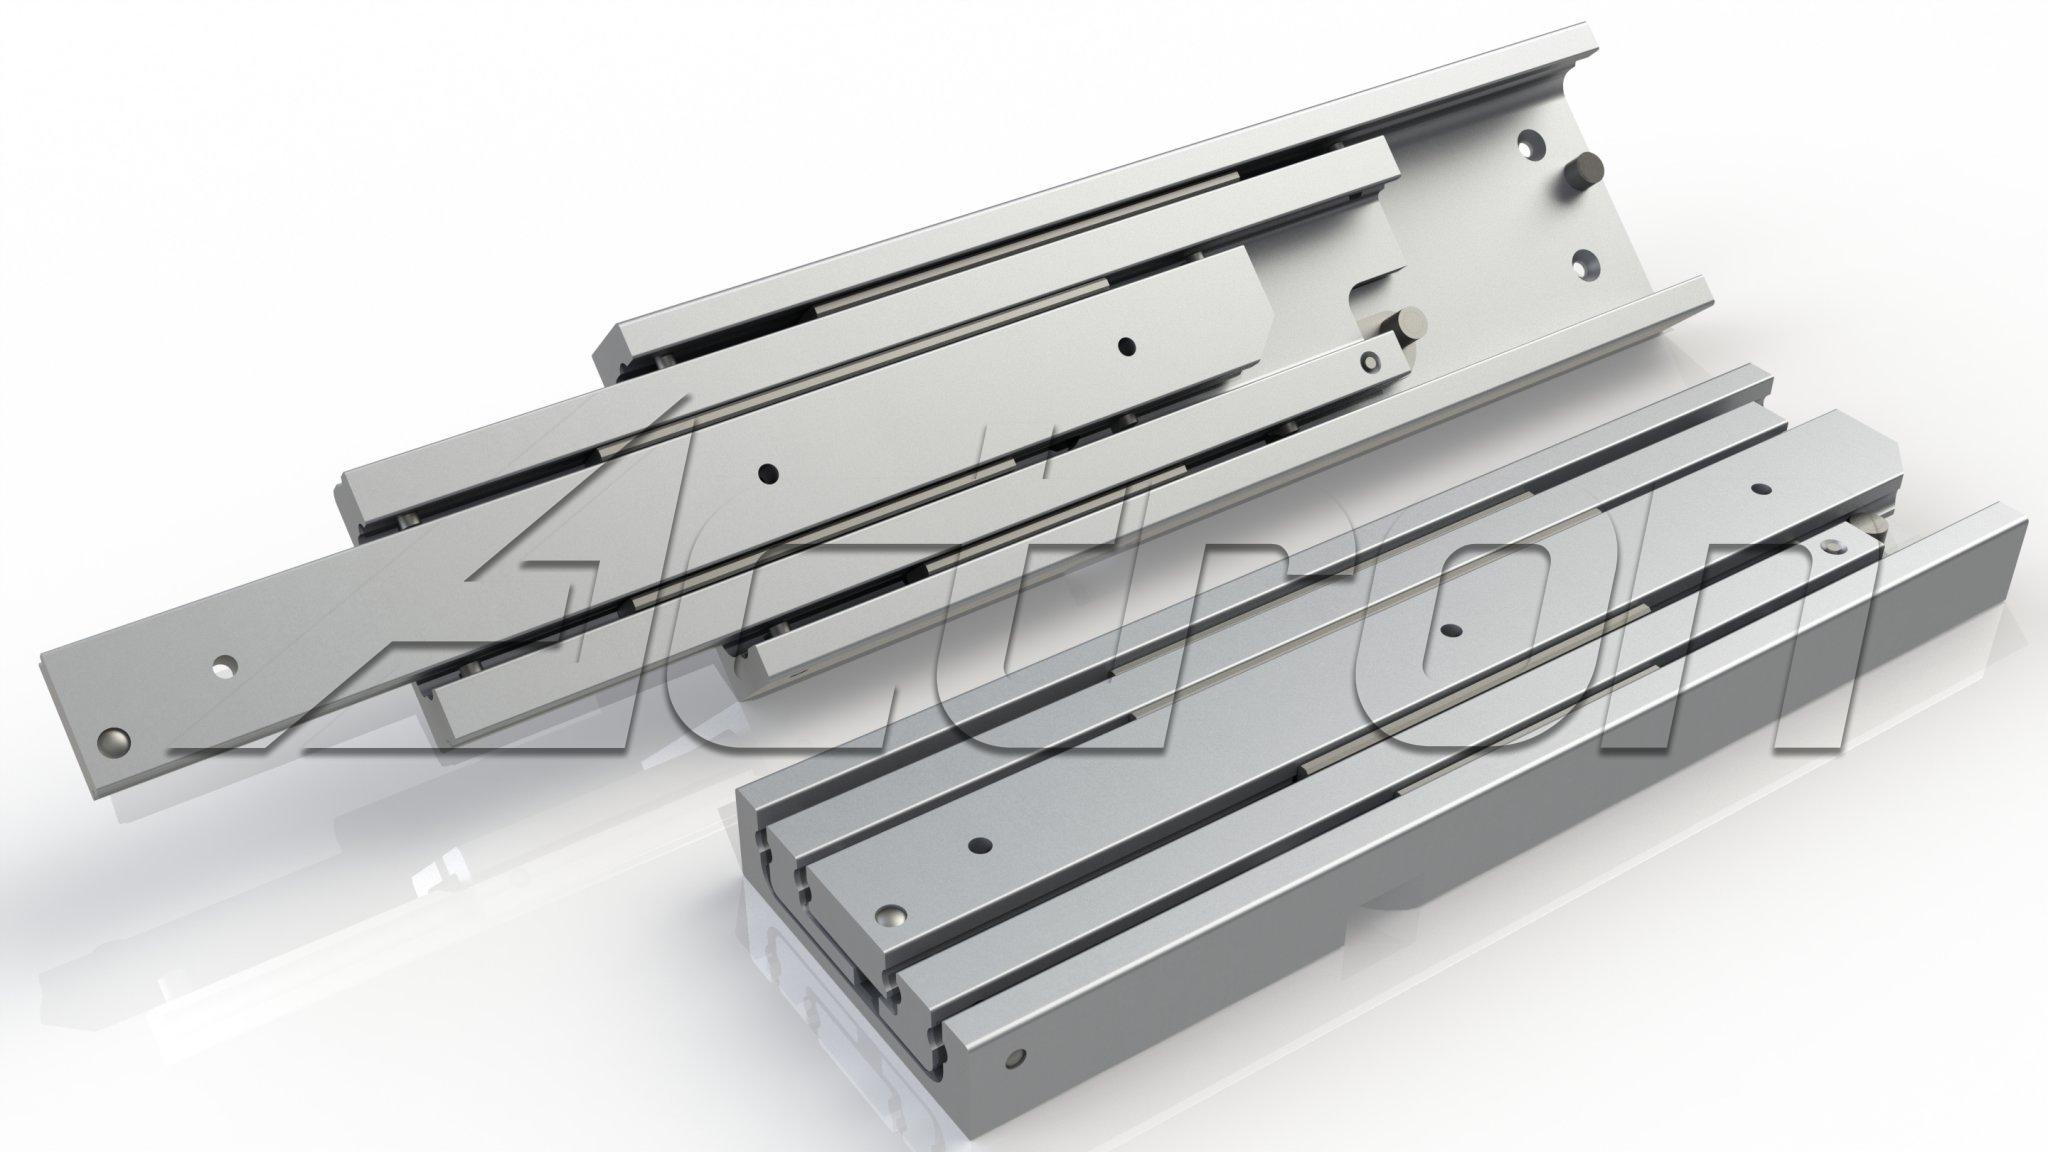 slide-assy-8211-aluminum-1-00-8243-x-3-50-8243-5076-a6212.jpg